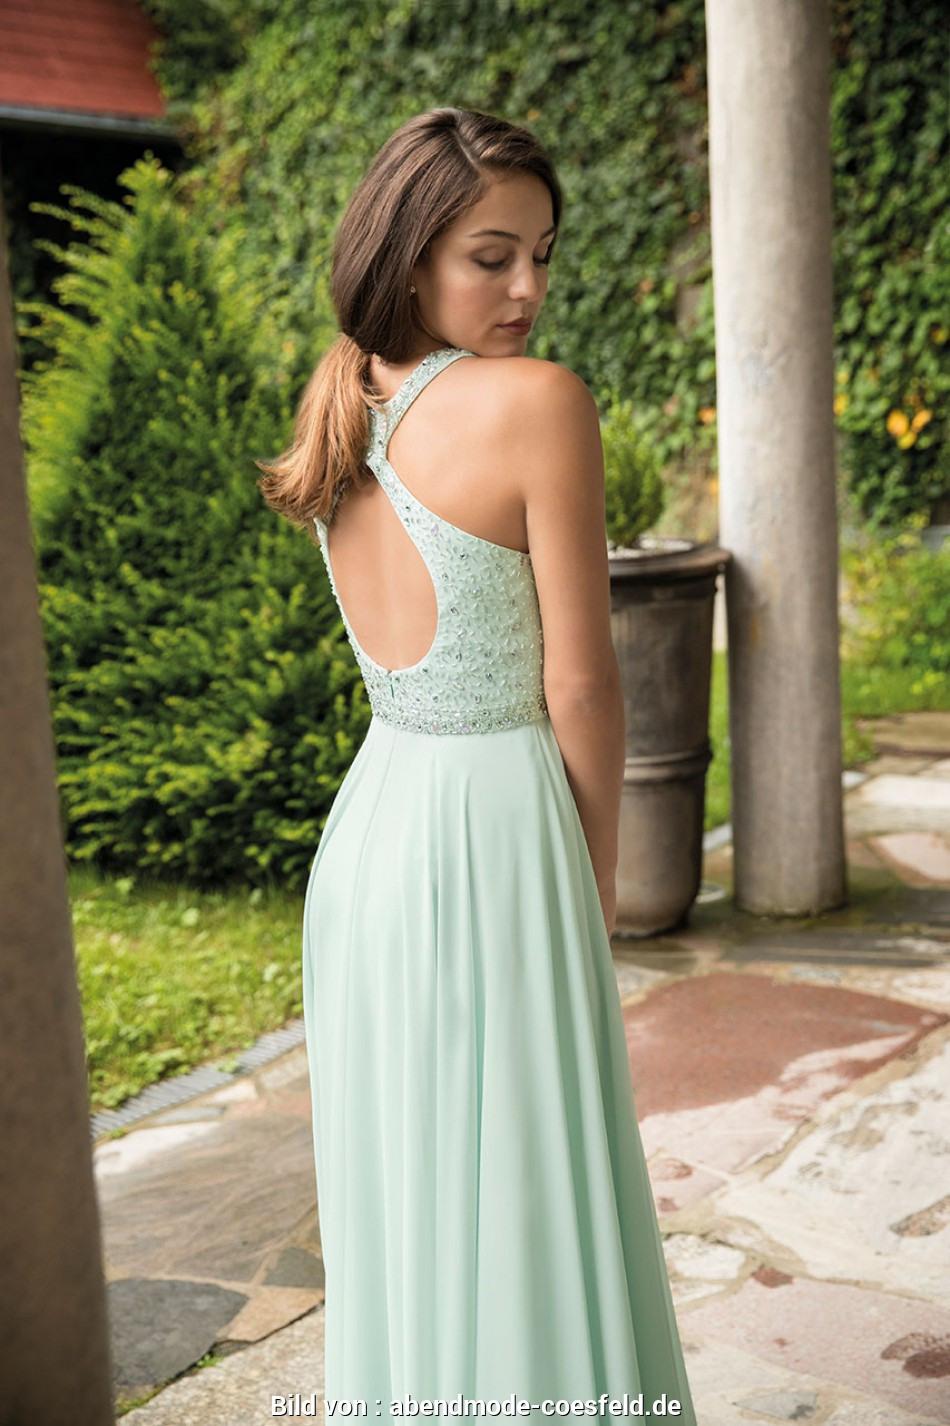 10 Luxurius Abendkleider Unna StylishDesigner Erstaunlich Abendkleider Unna Spezialgebiet